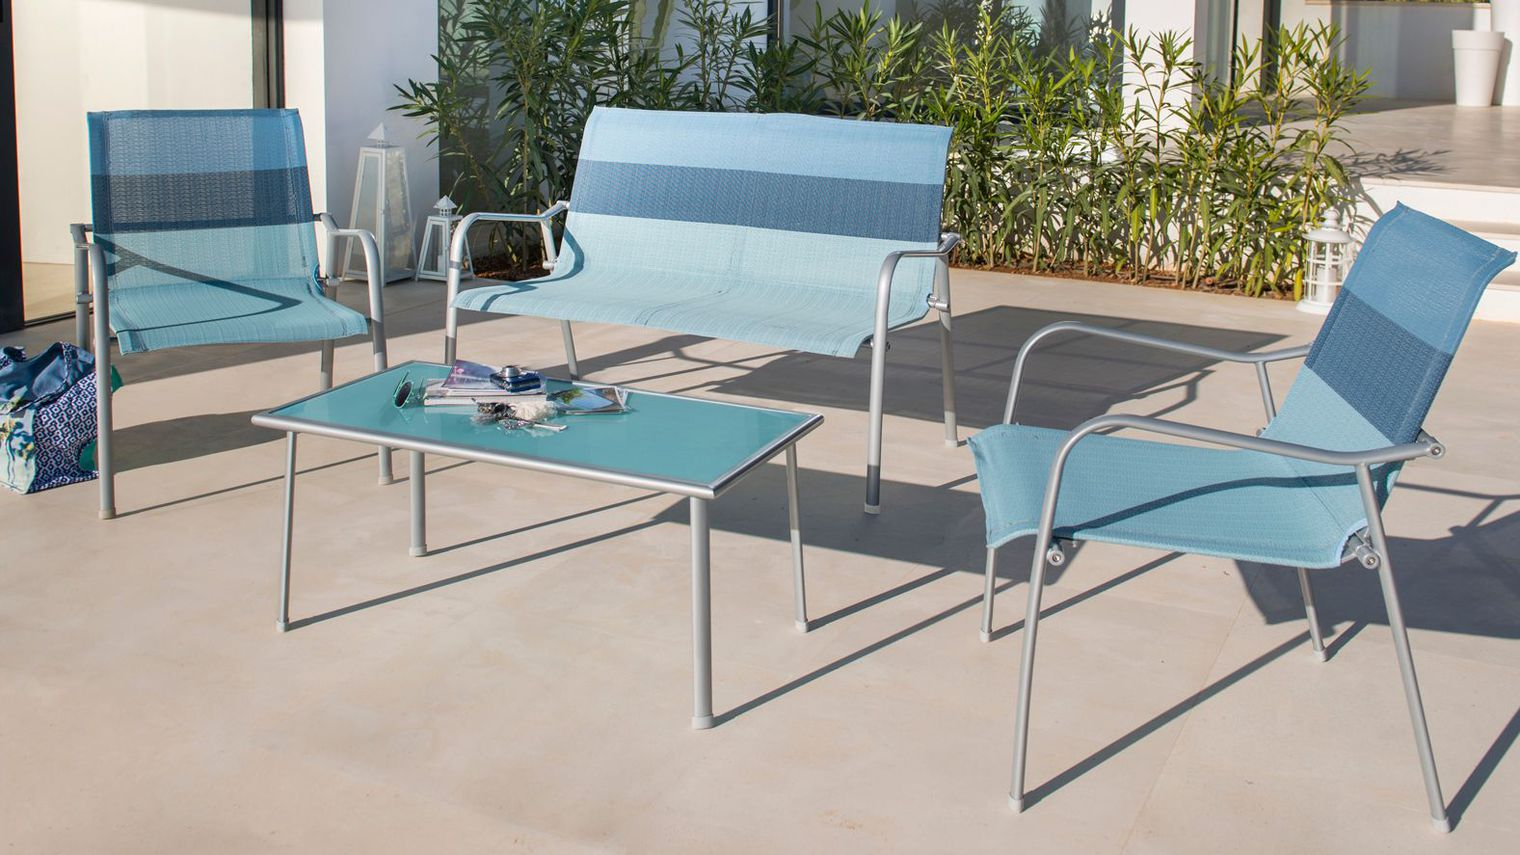 Salon de jardin couleur blanc - Abri de jardin et balancoire idée